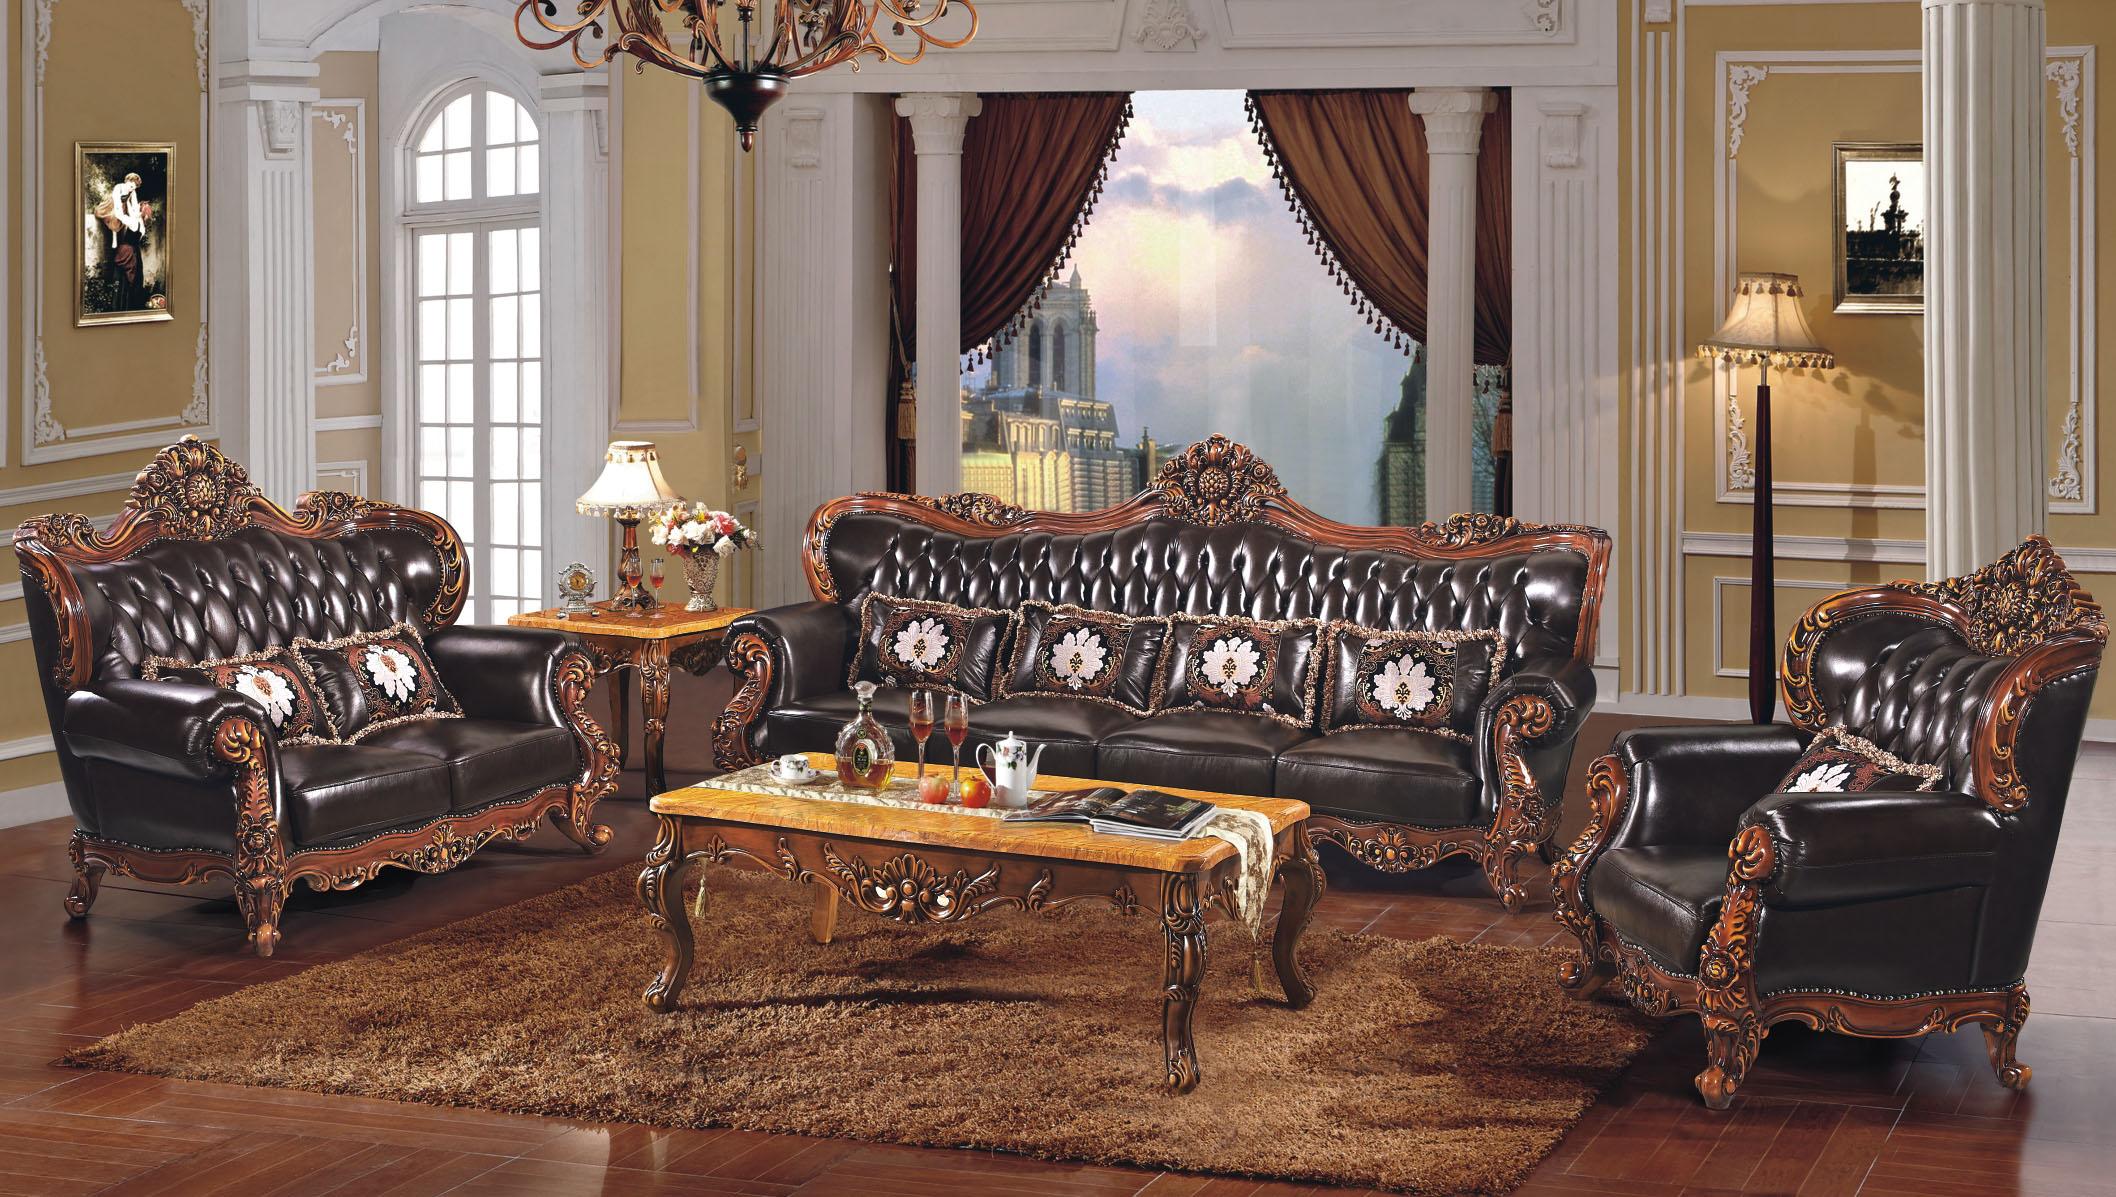 彪虎 欧式奢华古典客厅家具 实木沙发 z-b064